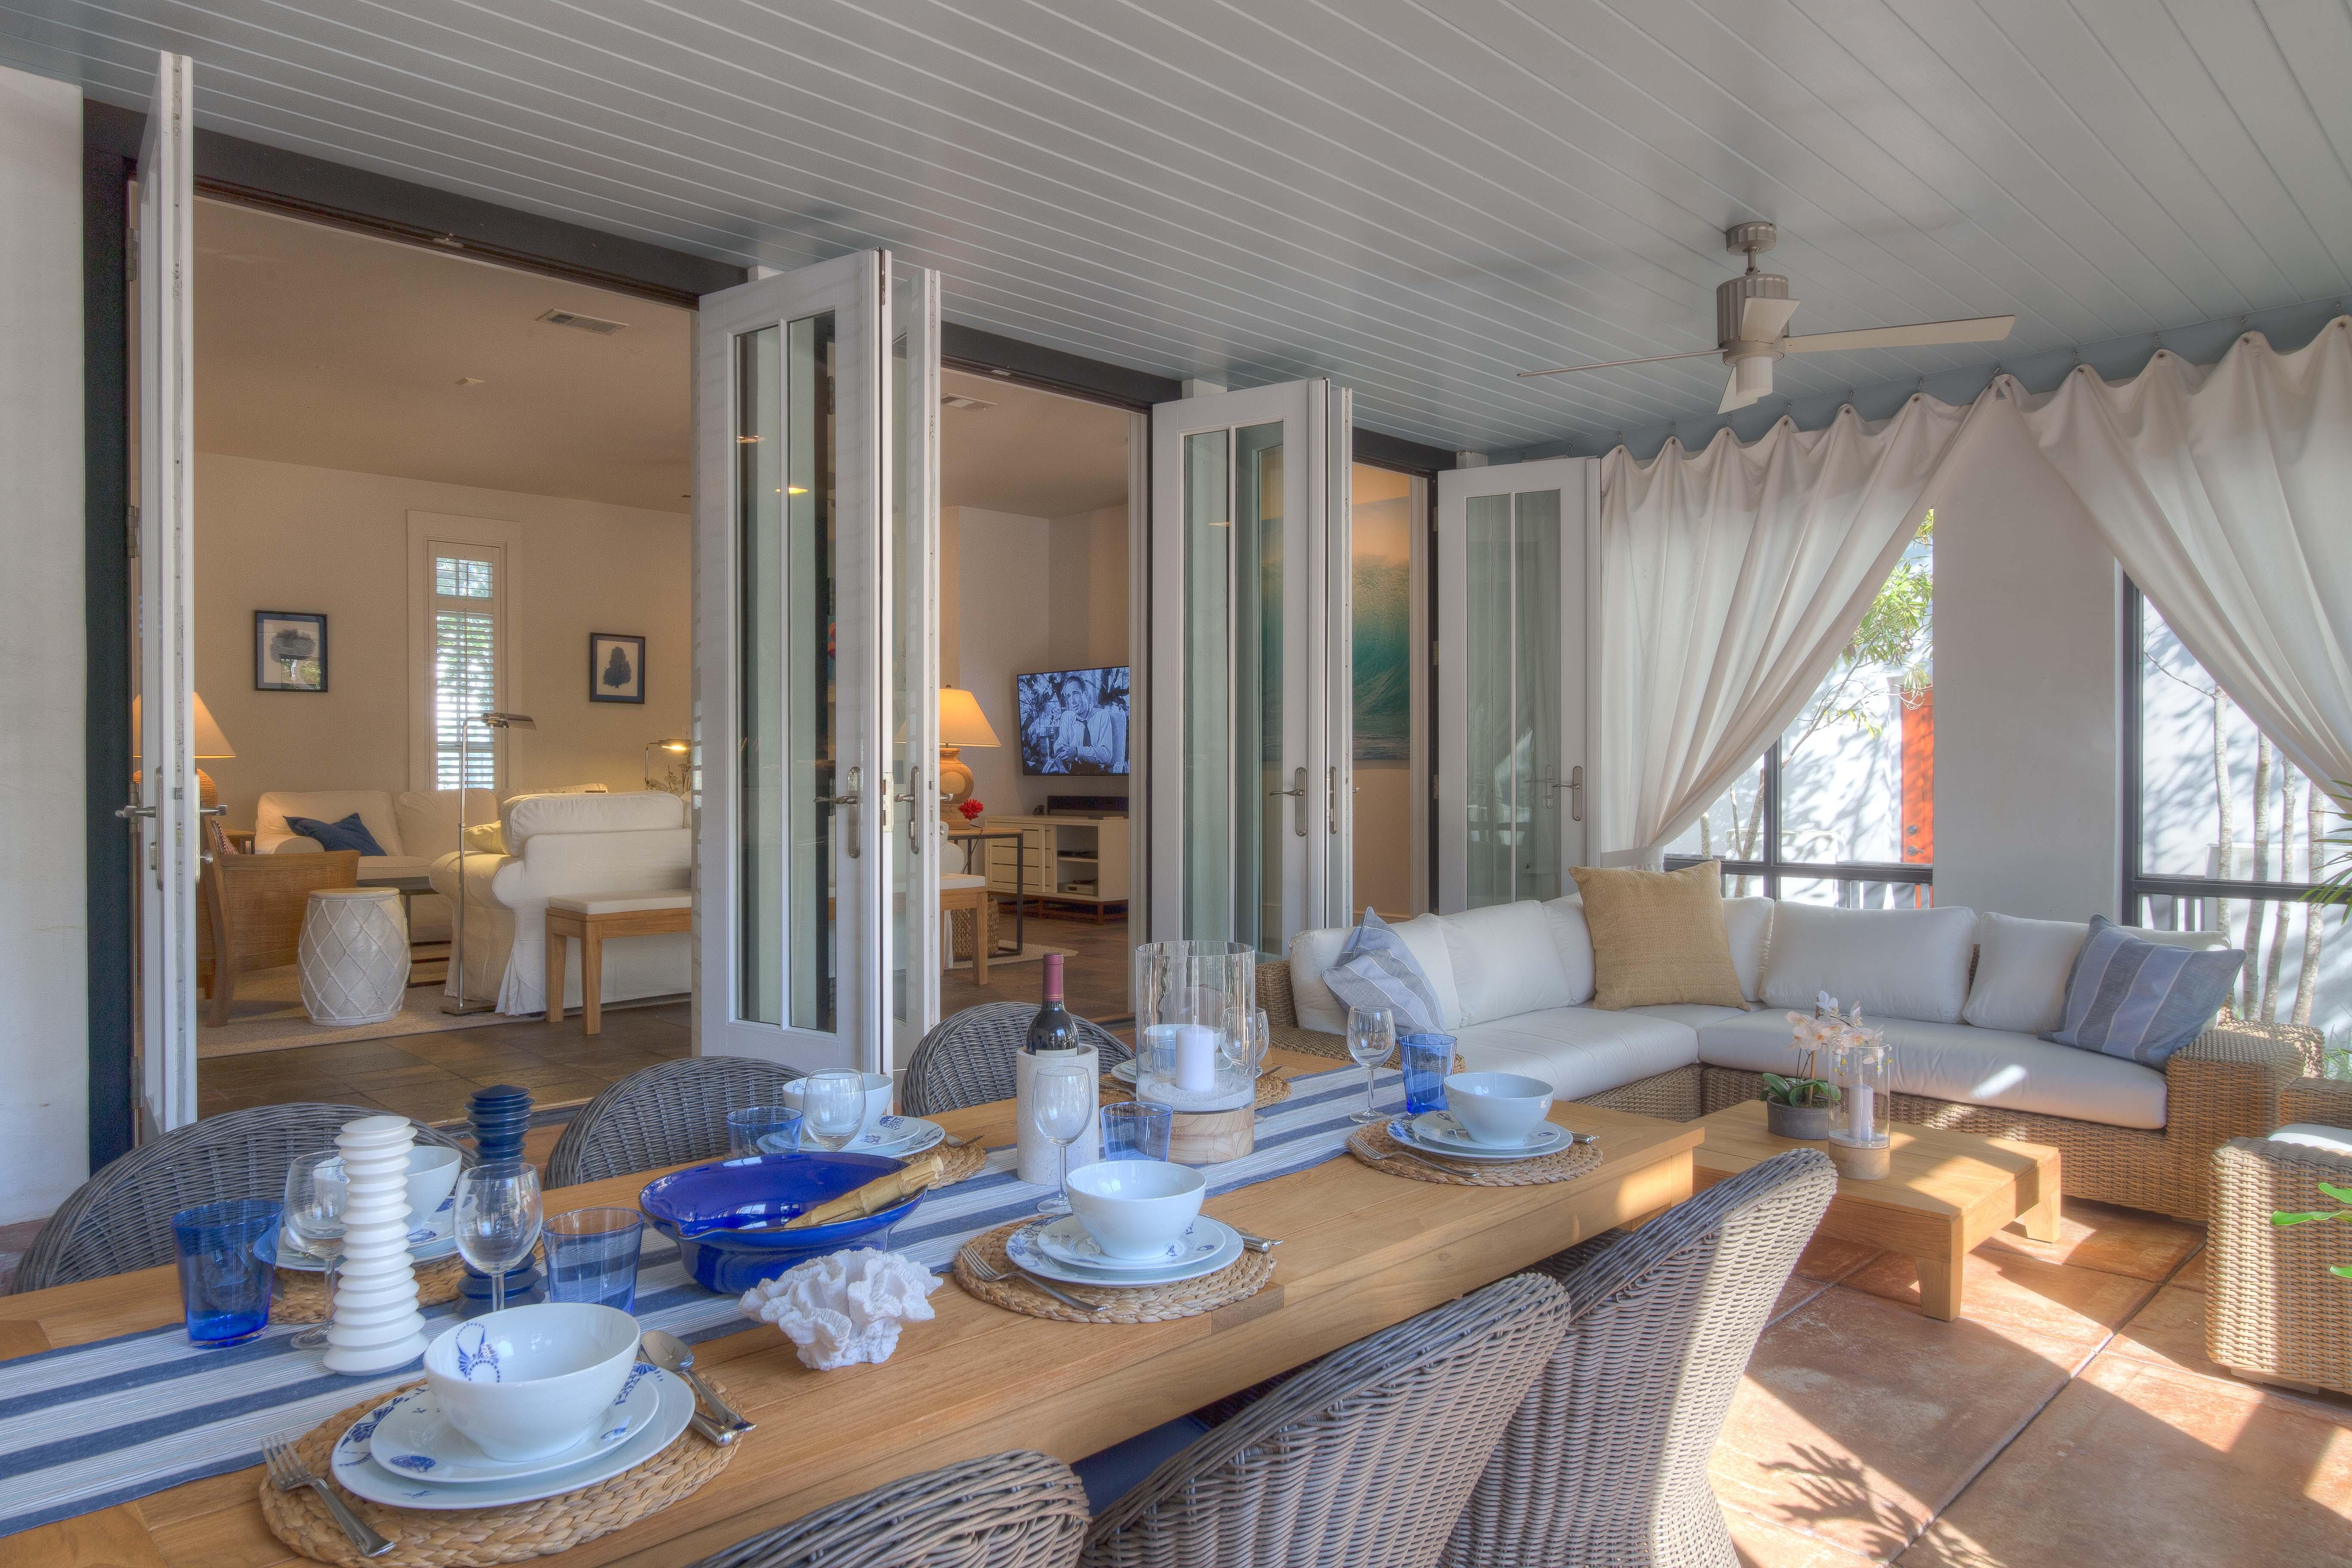 Hgtv Cottage